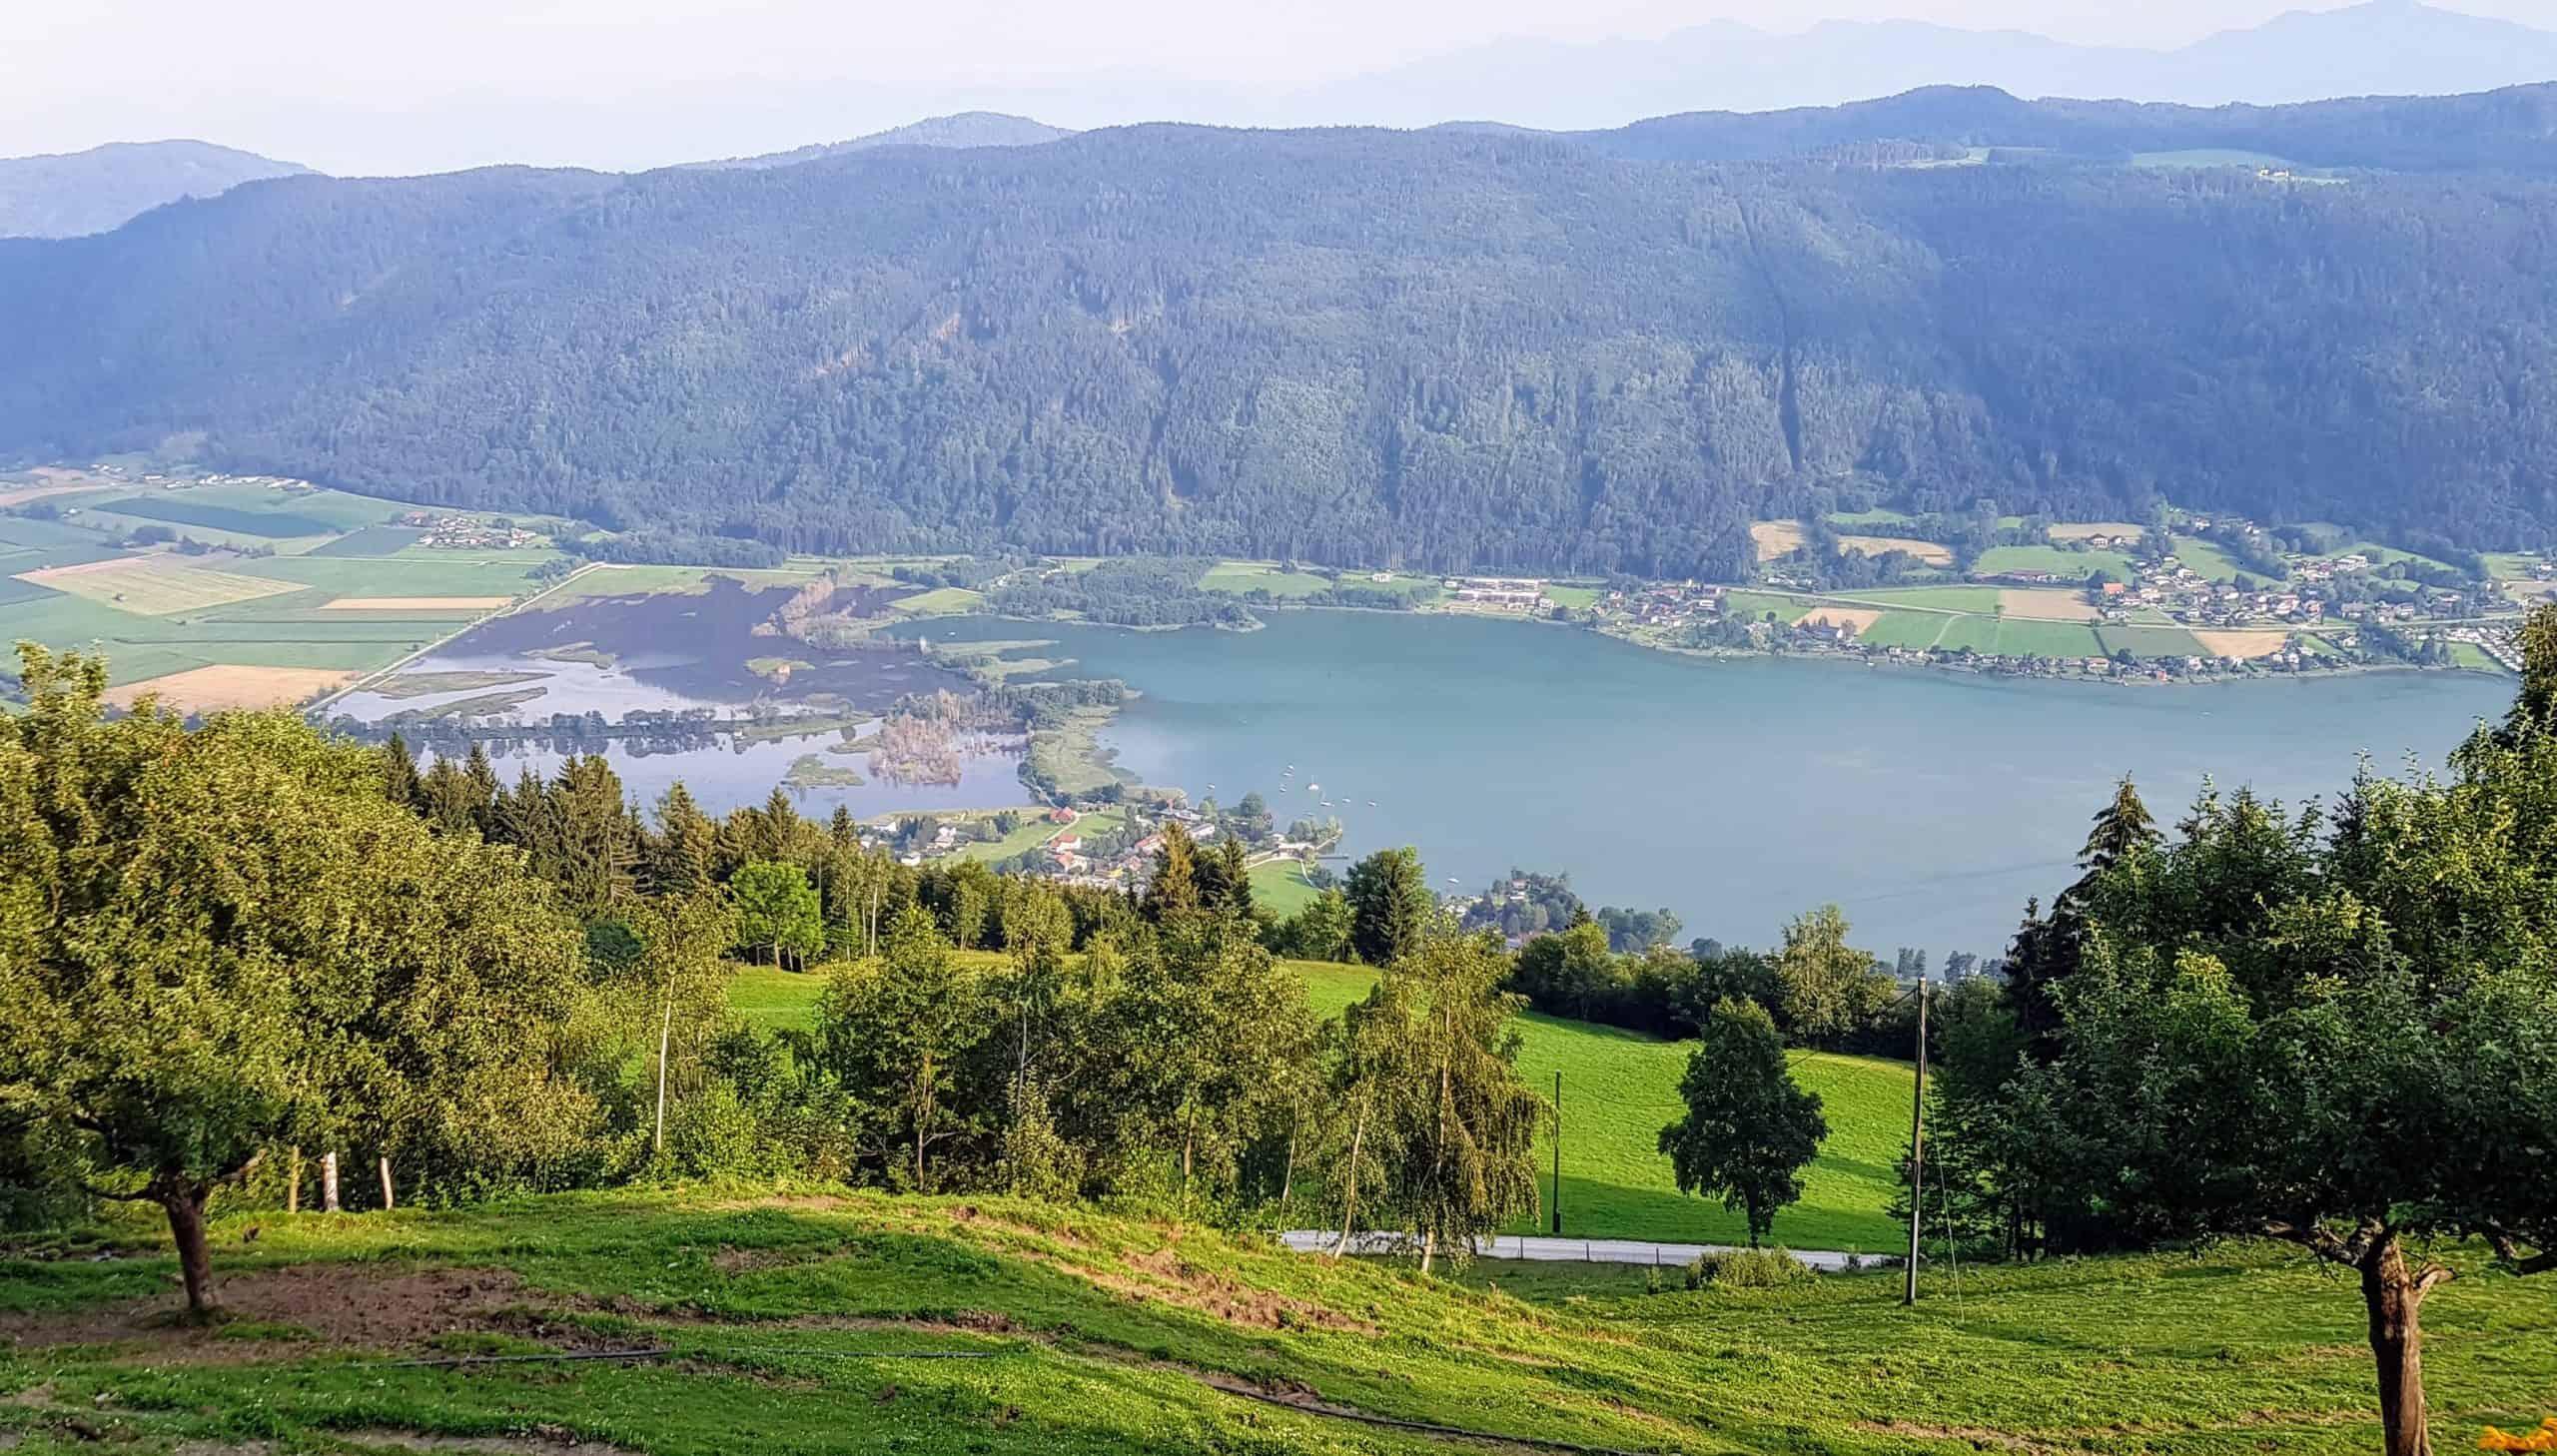 Bleistätter Moor Naturschutz- & Wandergebiet für die ganze Familie in Kärnten, Nähe Villach & Feldkirchen in Österreich.